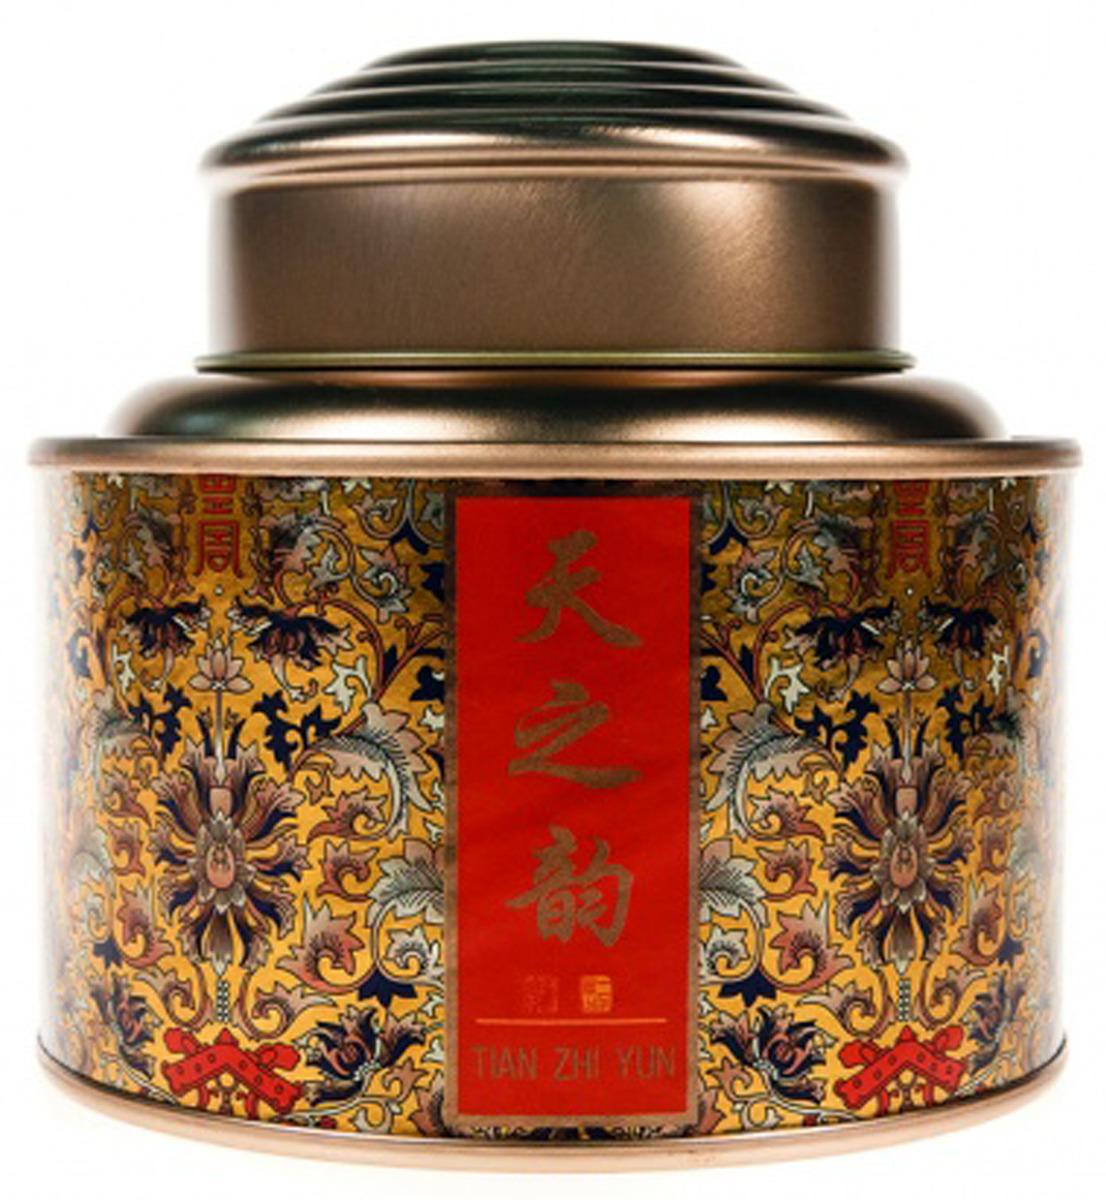 Чай листовой Тянь Юнь Пуэр рассыпной, 110 г чай листовой тянь жень экстра пуэр 100 г